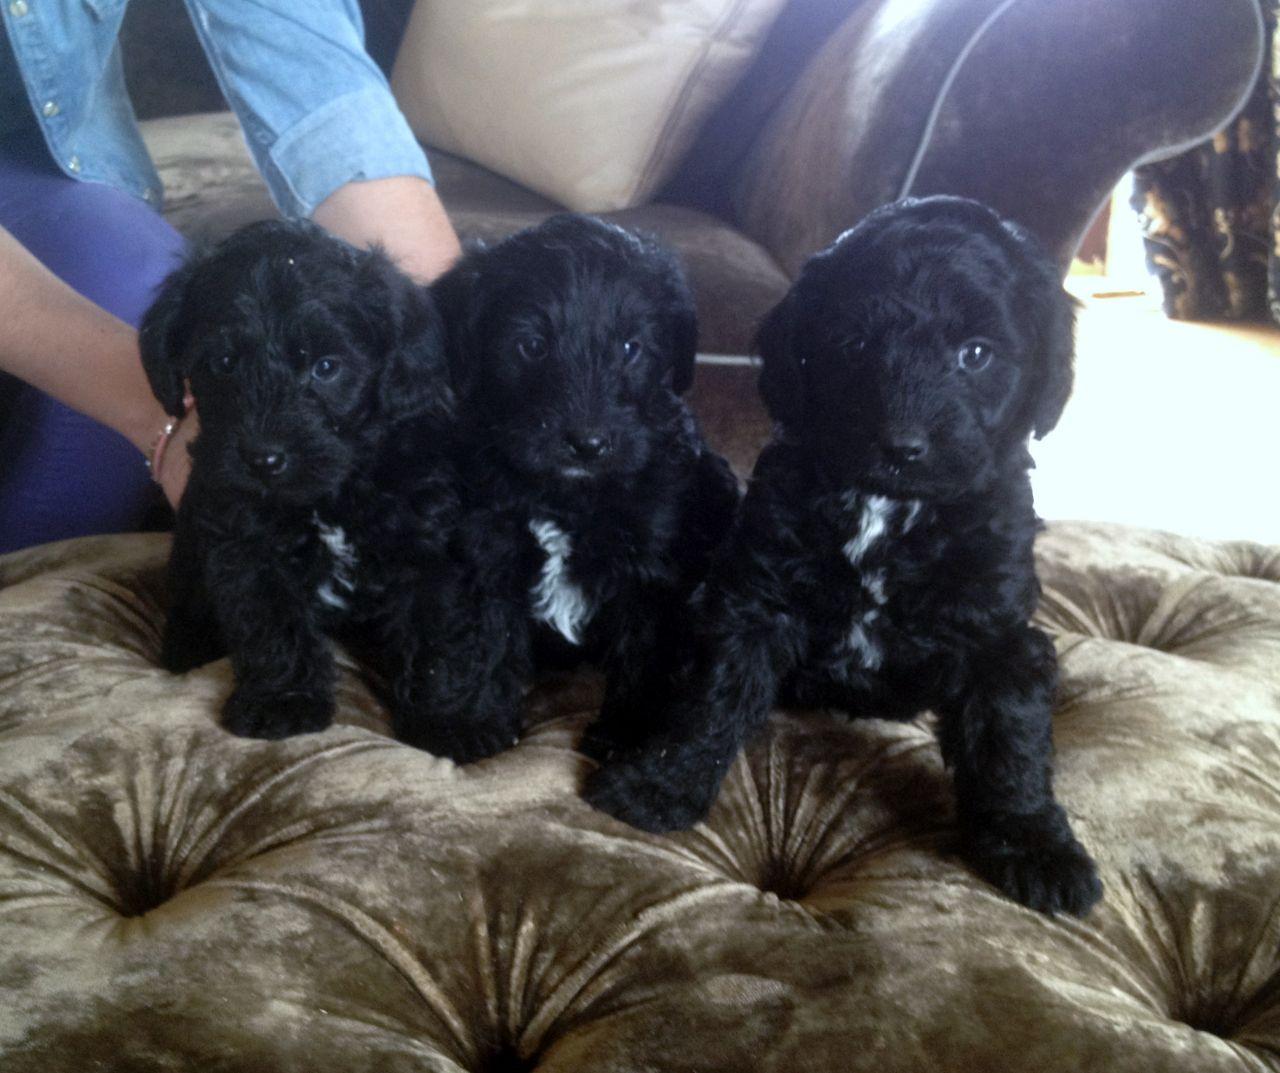 Yorkshire Terrier x Miniature Poodle